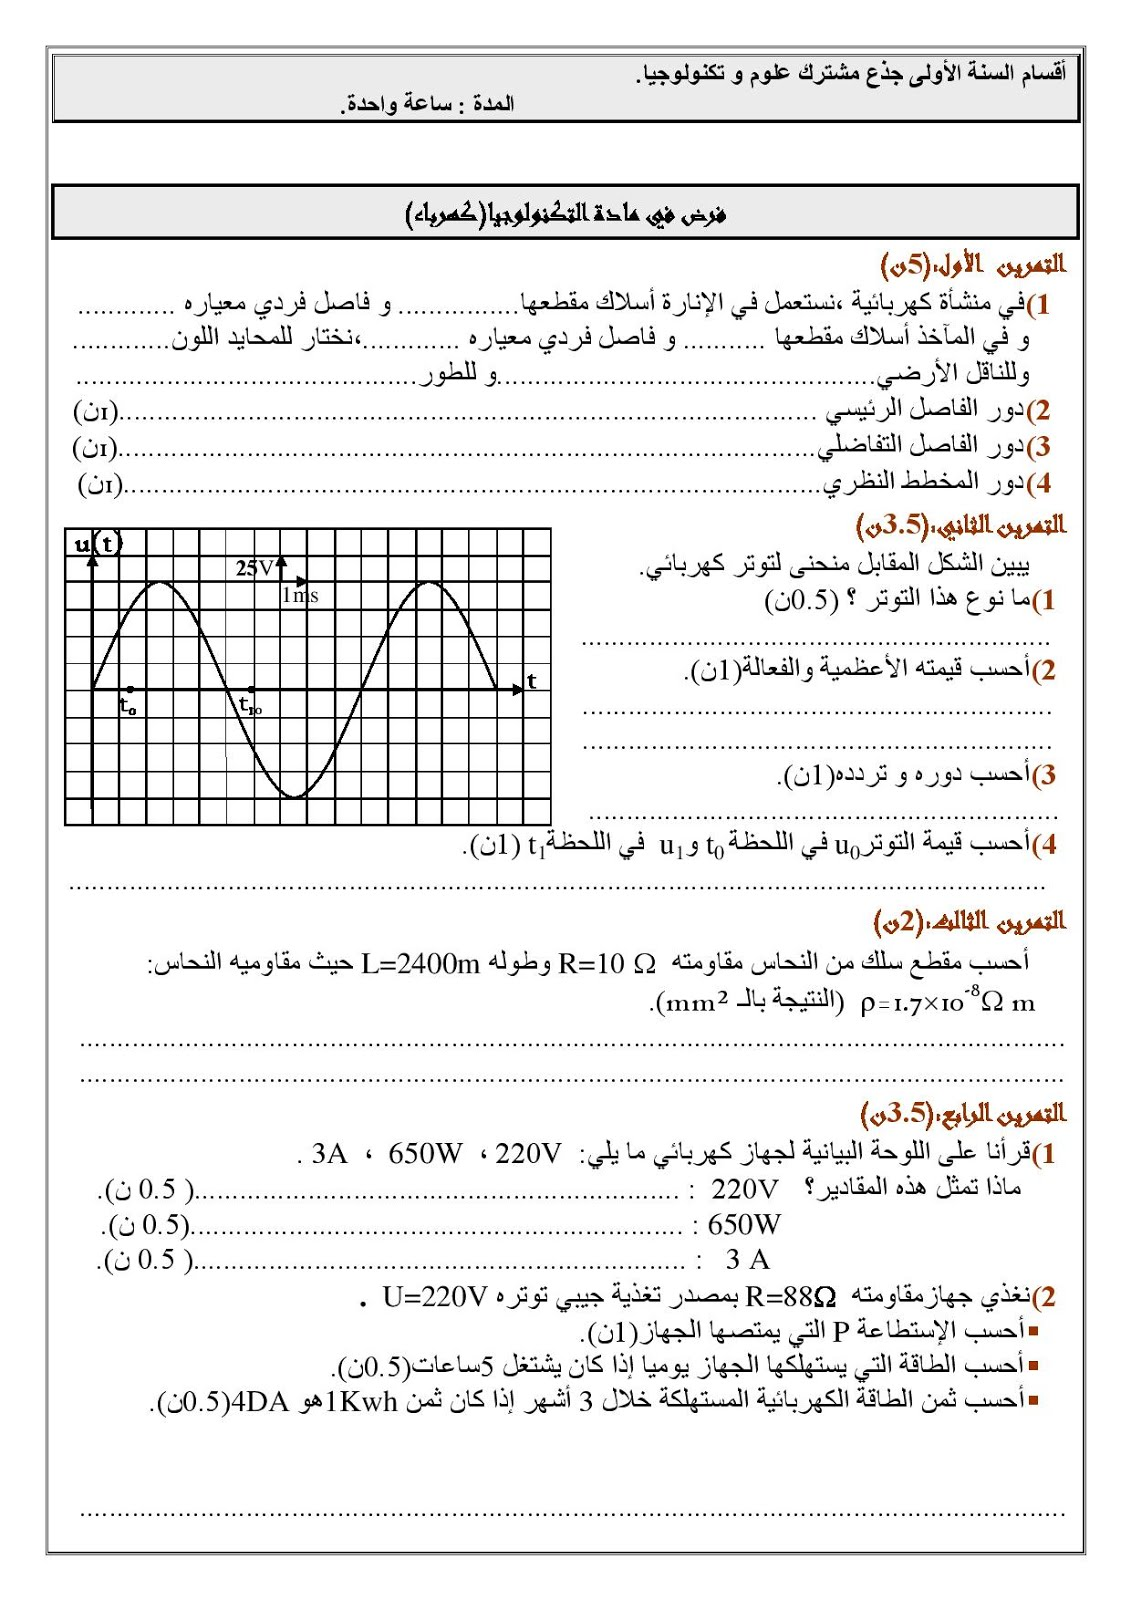 فرض في مادة الهندسة الكهربائية